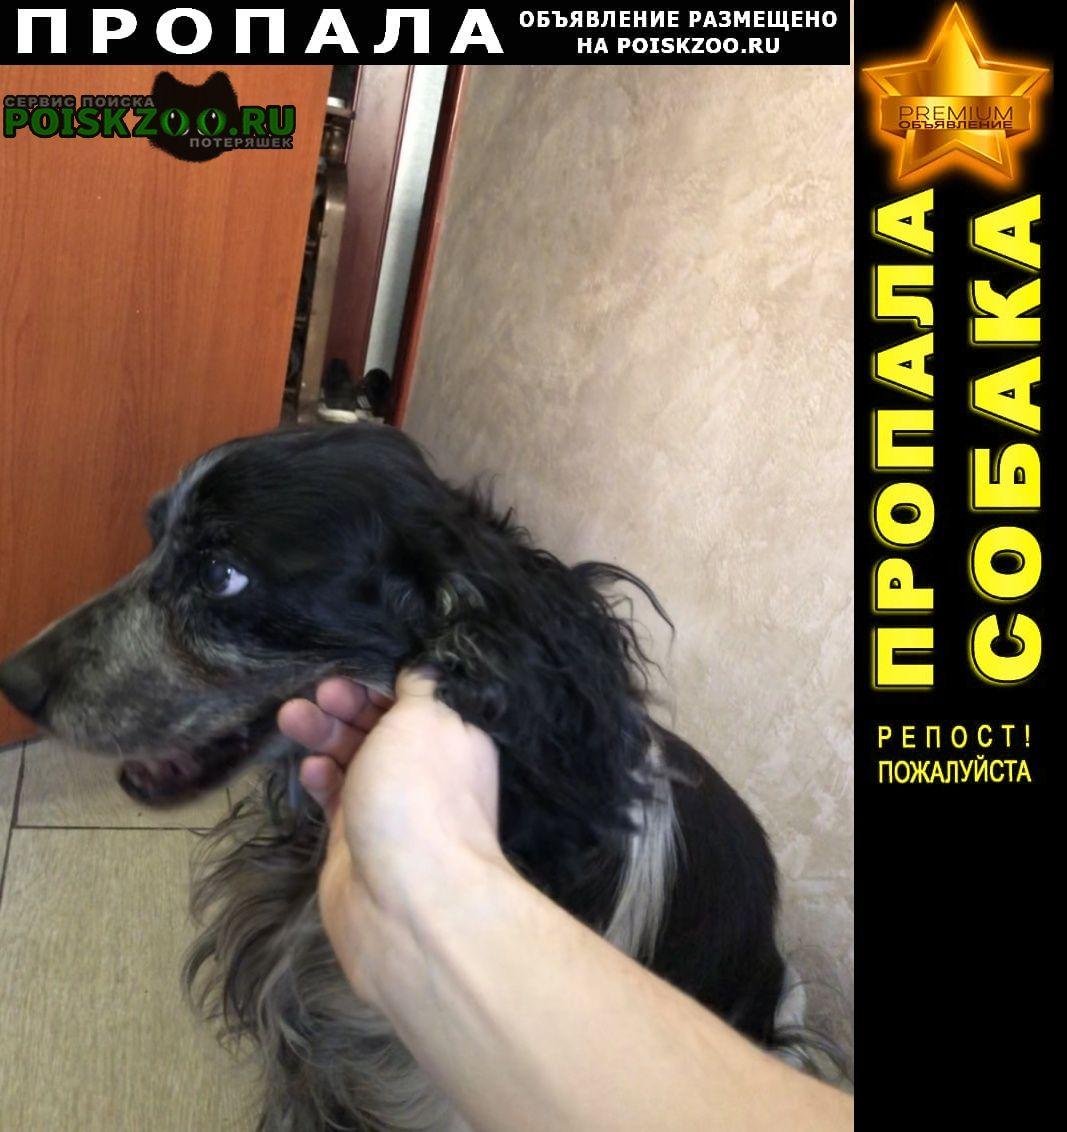 Пропала собака спаниель черно-белый окрас Ярославль